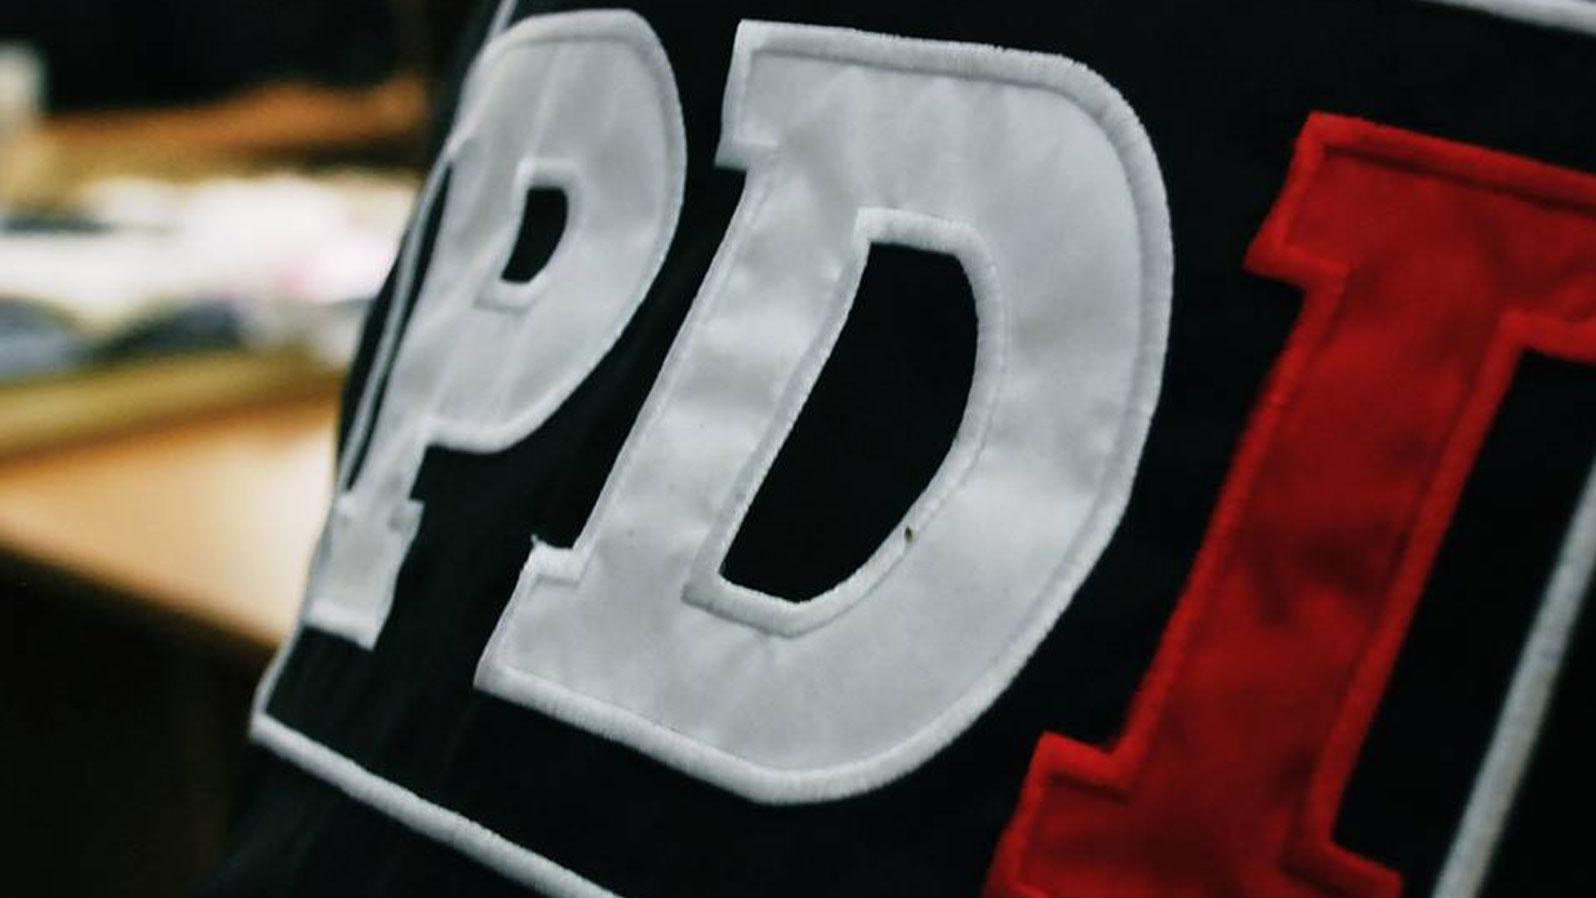 Las detención de dos jóvenes fue concretada esta madrugada por la Policía de Investigaciones.